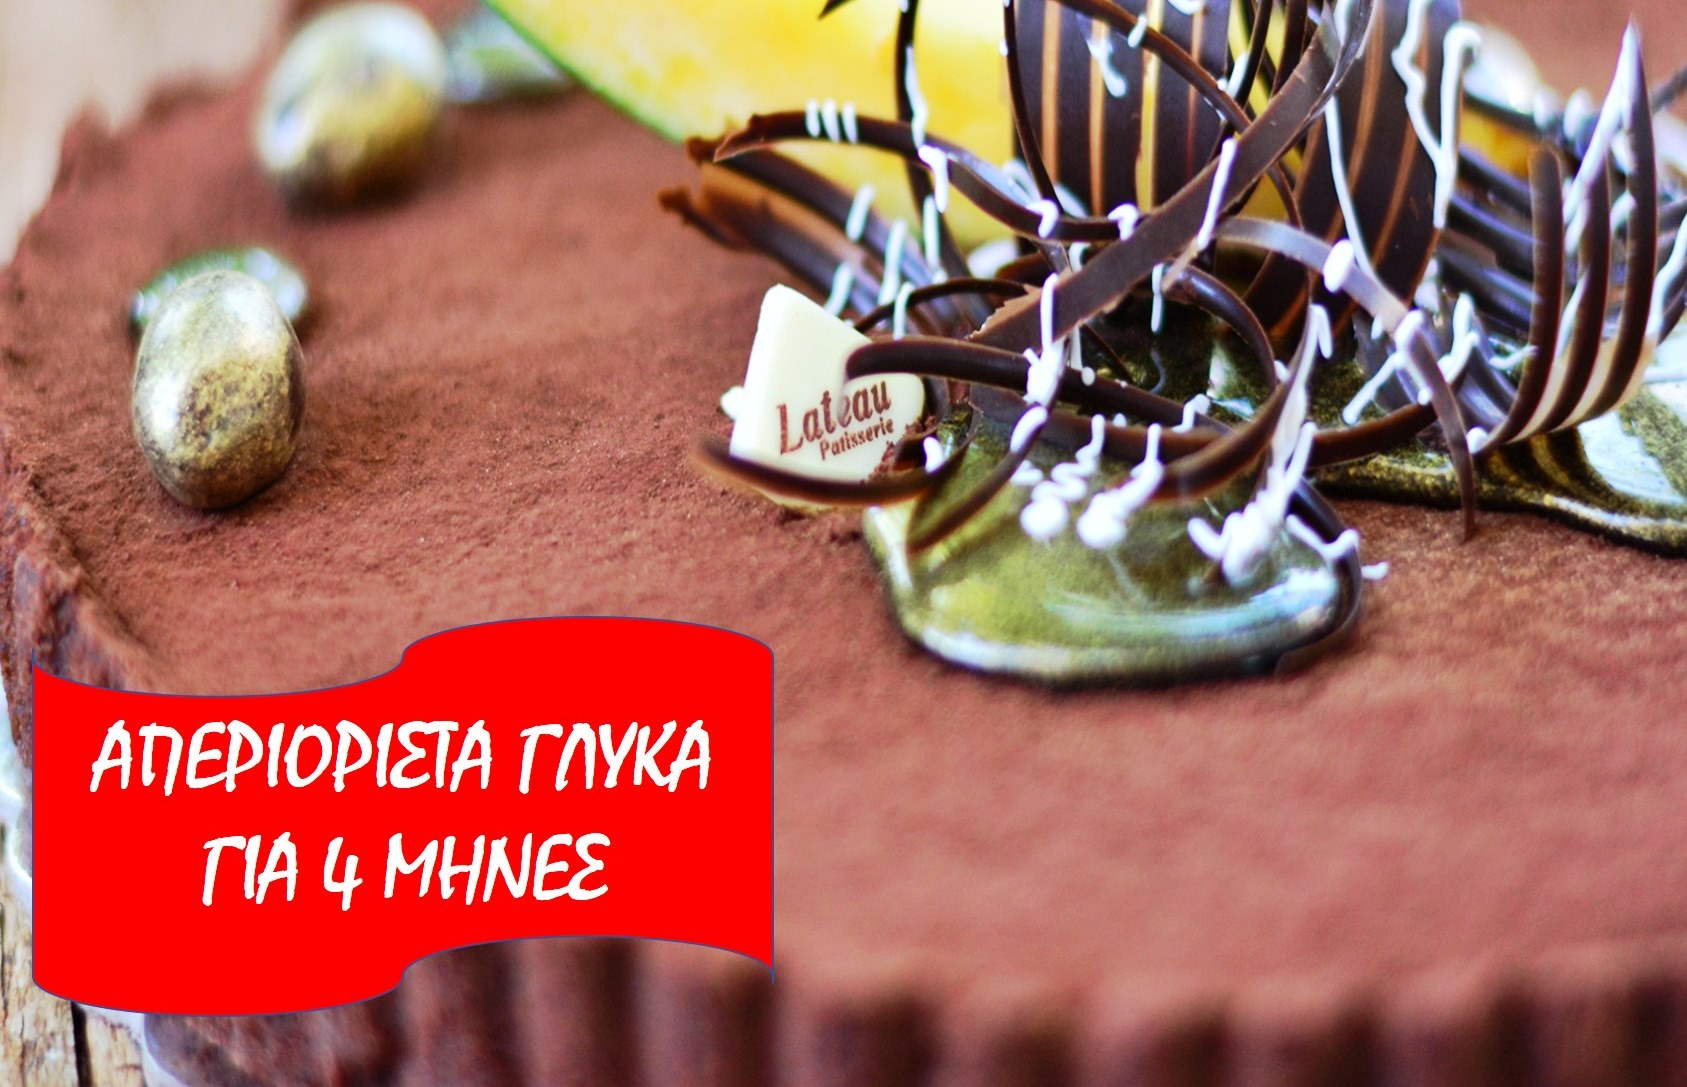 399€ από 2400€ για Απεριόριστα Γλυκά για 4 ΟΛΟΚΛΗΡΟΥΣ μήνες, Χωρίς Περιορισμούς, ΑΚΟΜΑ ΚΑΙ ΚΑΘΕ ΜΕΡΑ, στο ''Lateau Patisserie'', δίπλα στο σταθμό Πανόρμου εικόνα